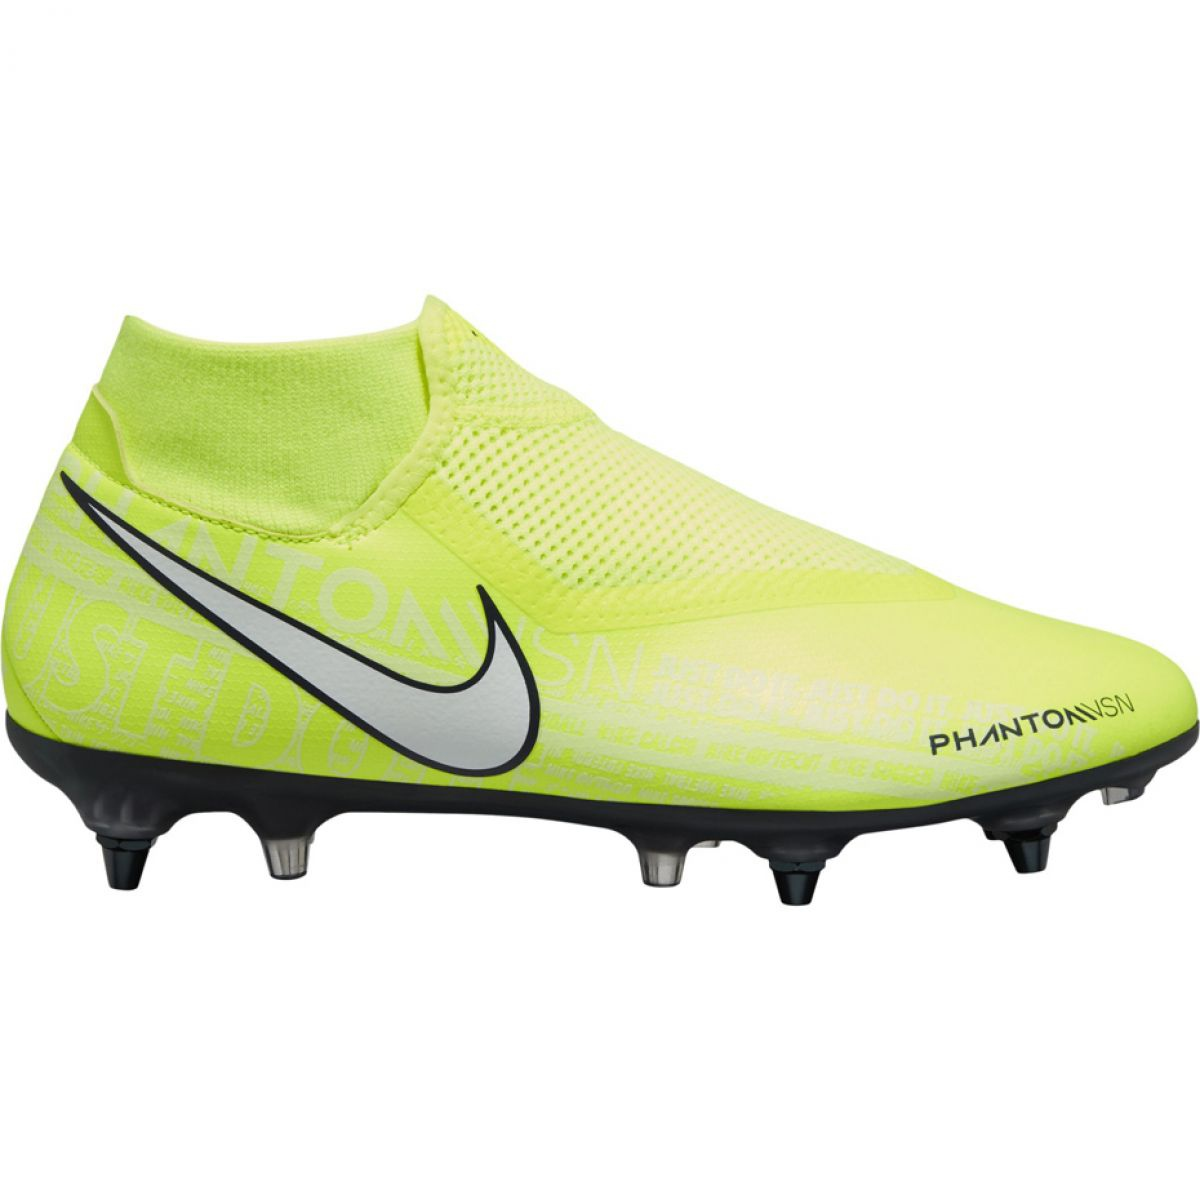 Nike Phantom Vsn Academy Df Sg Pro Ac M Bq8845 717 Fussballschuhe Gelb Gelb